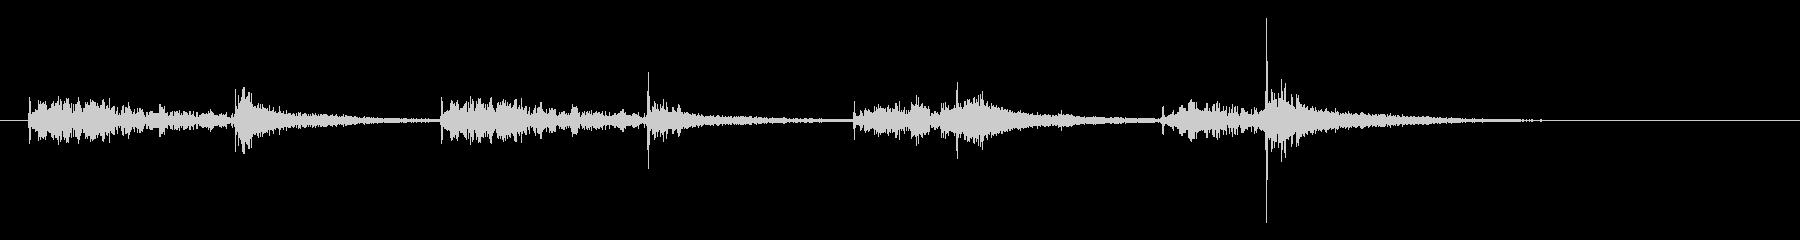 和太鼓のお囃子風サウンドロゴの未再生の波形